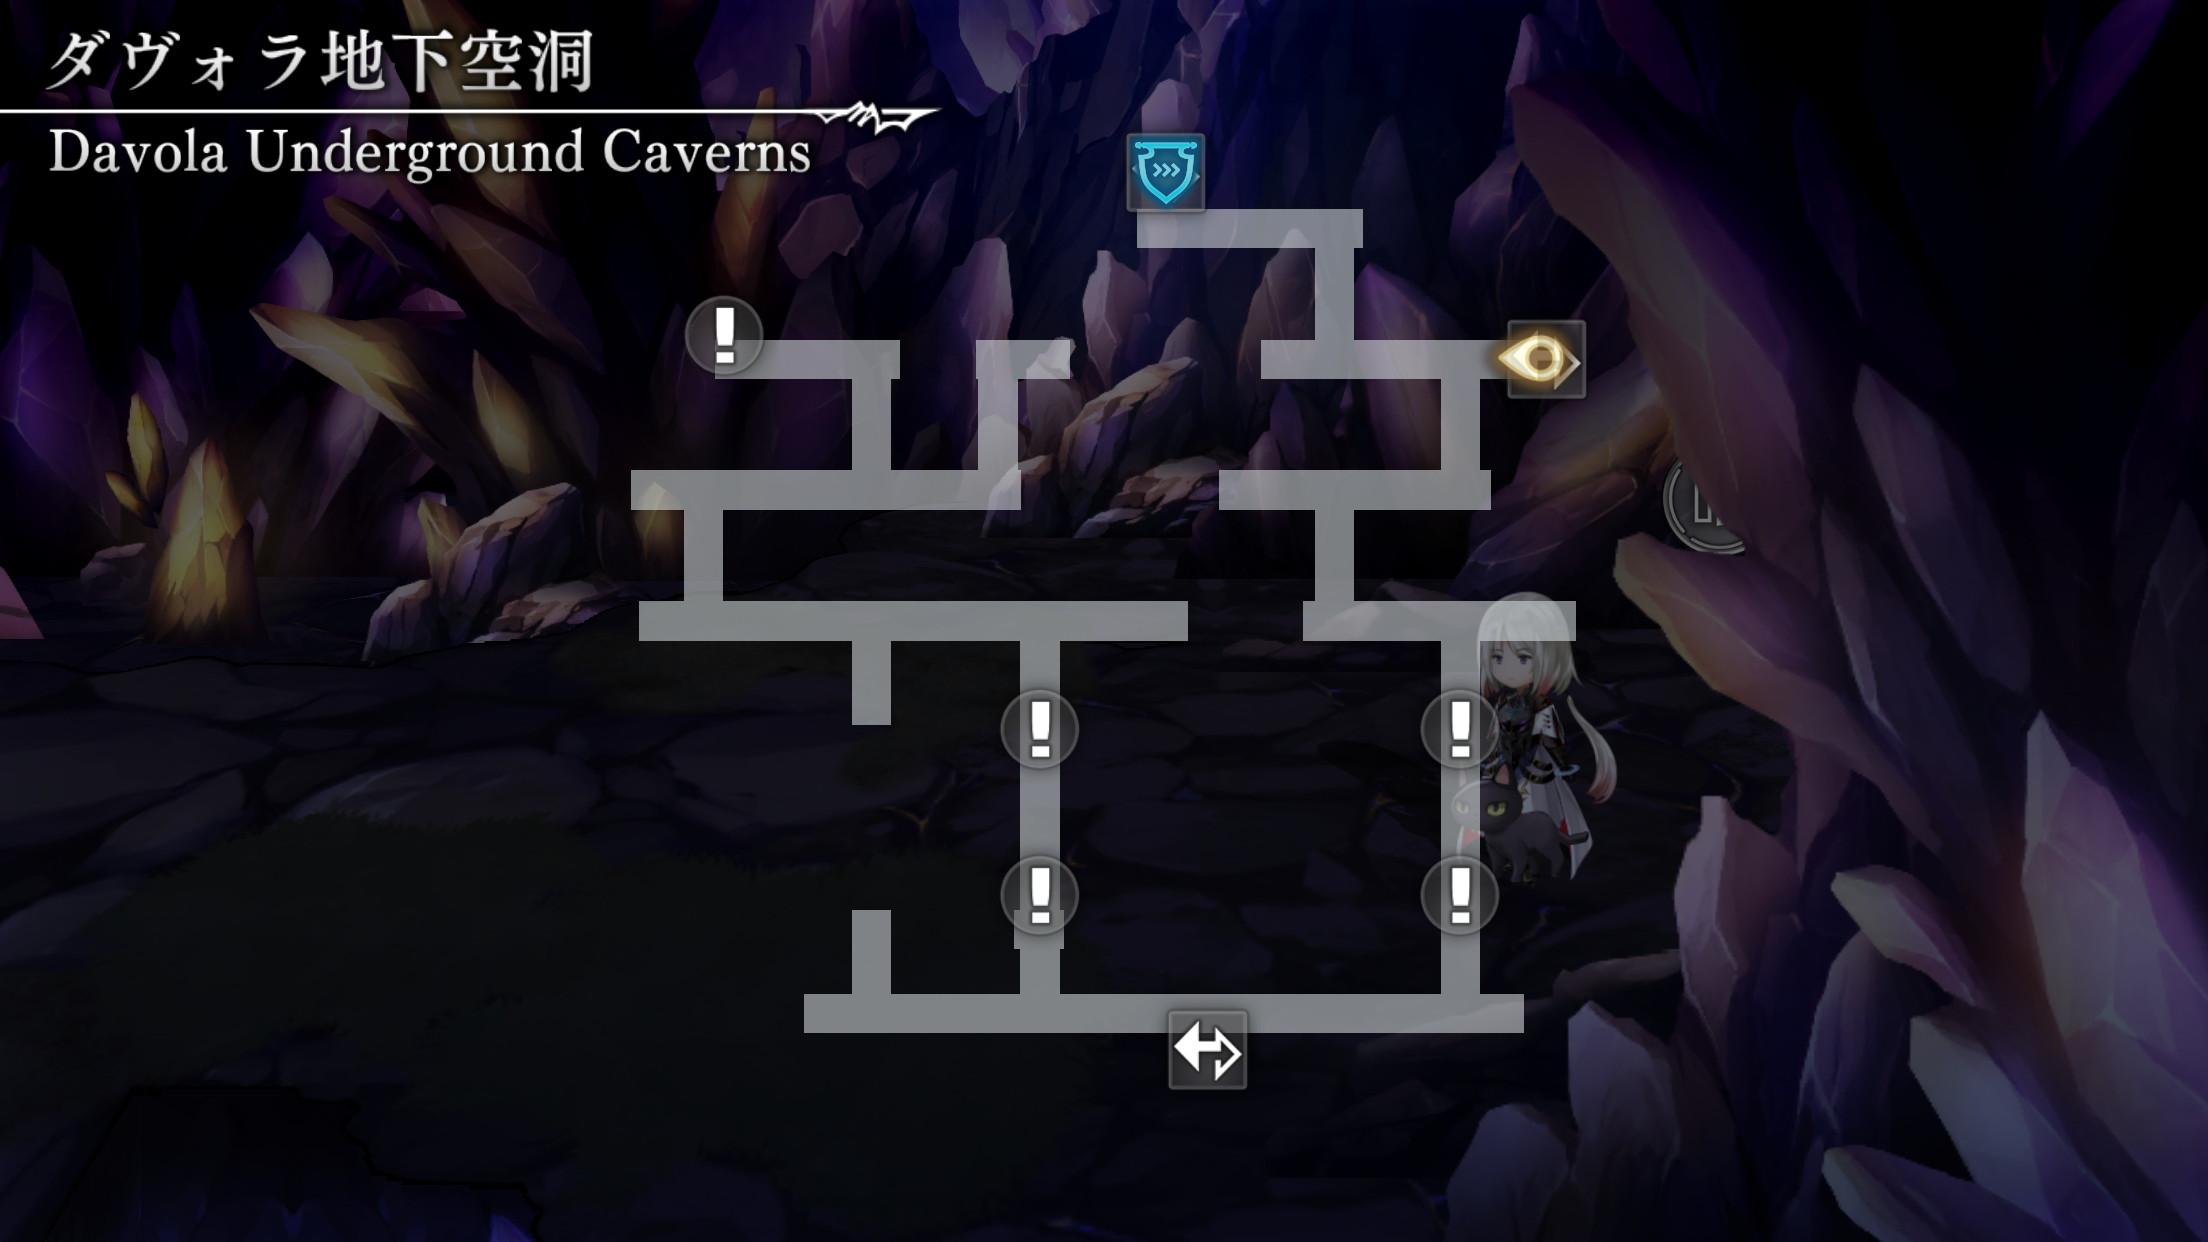 ダヴォラ地下空洞ストーリーマップ10